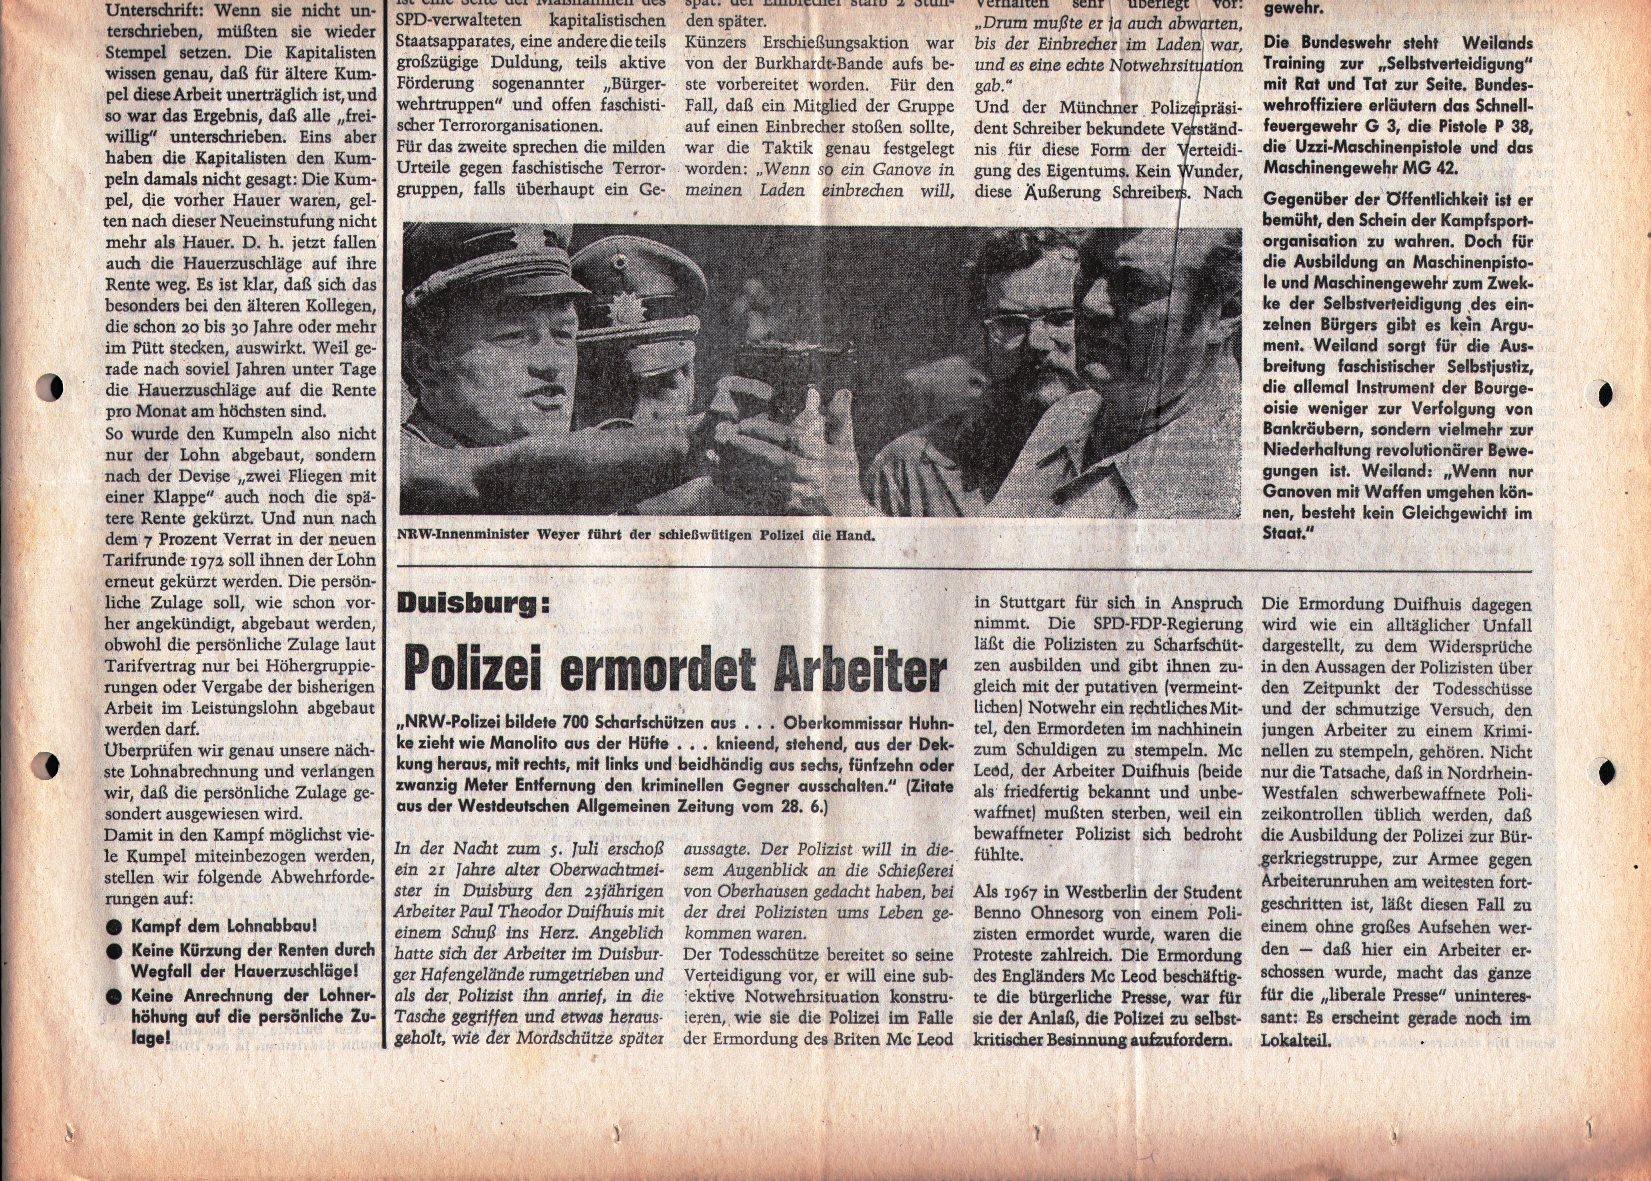 KPD_Rote_Fahne_1972_51_10